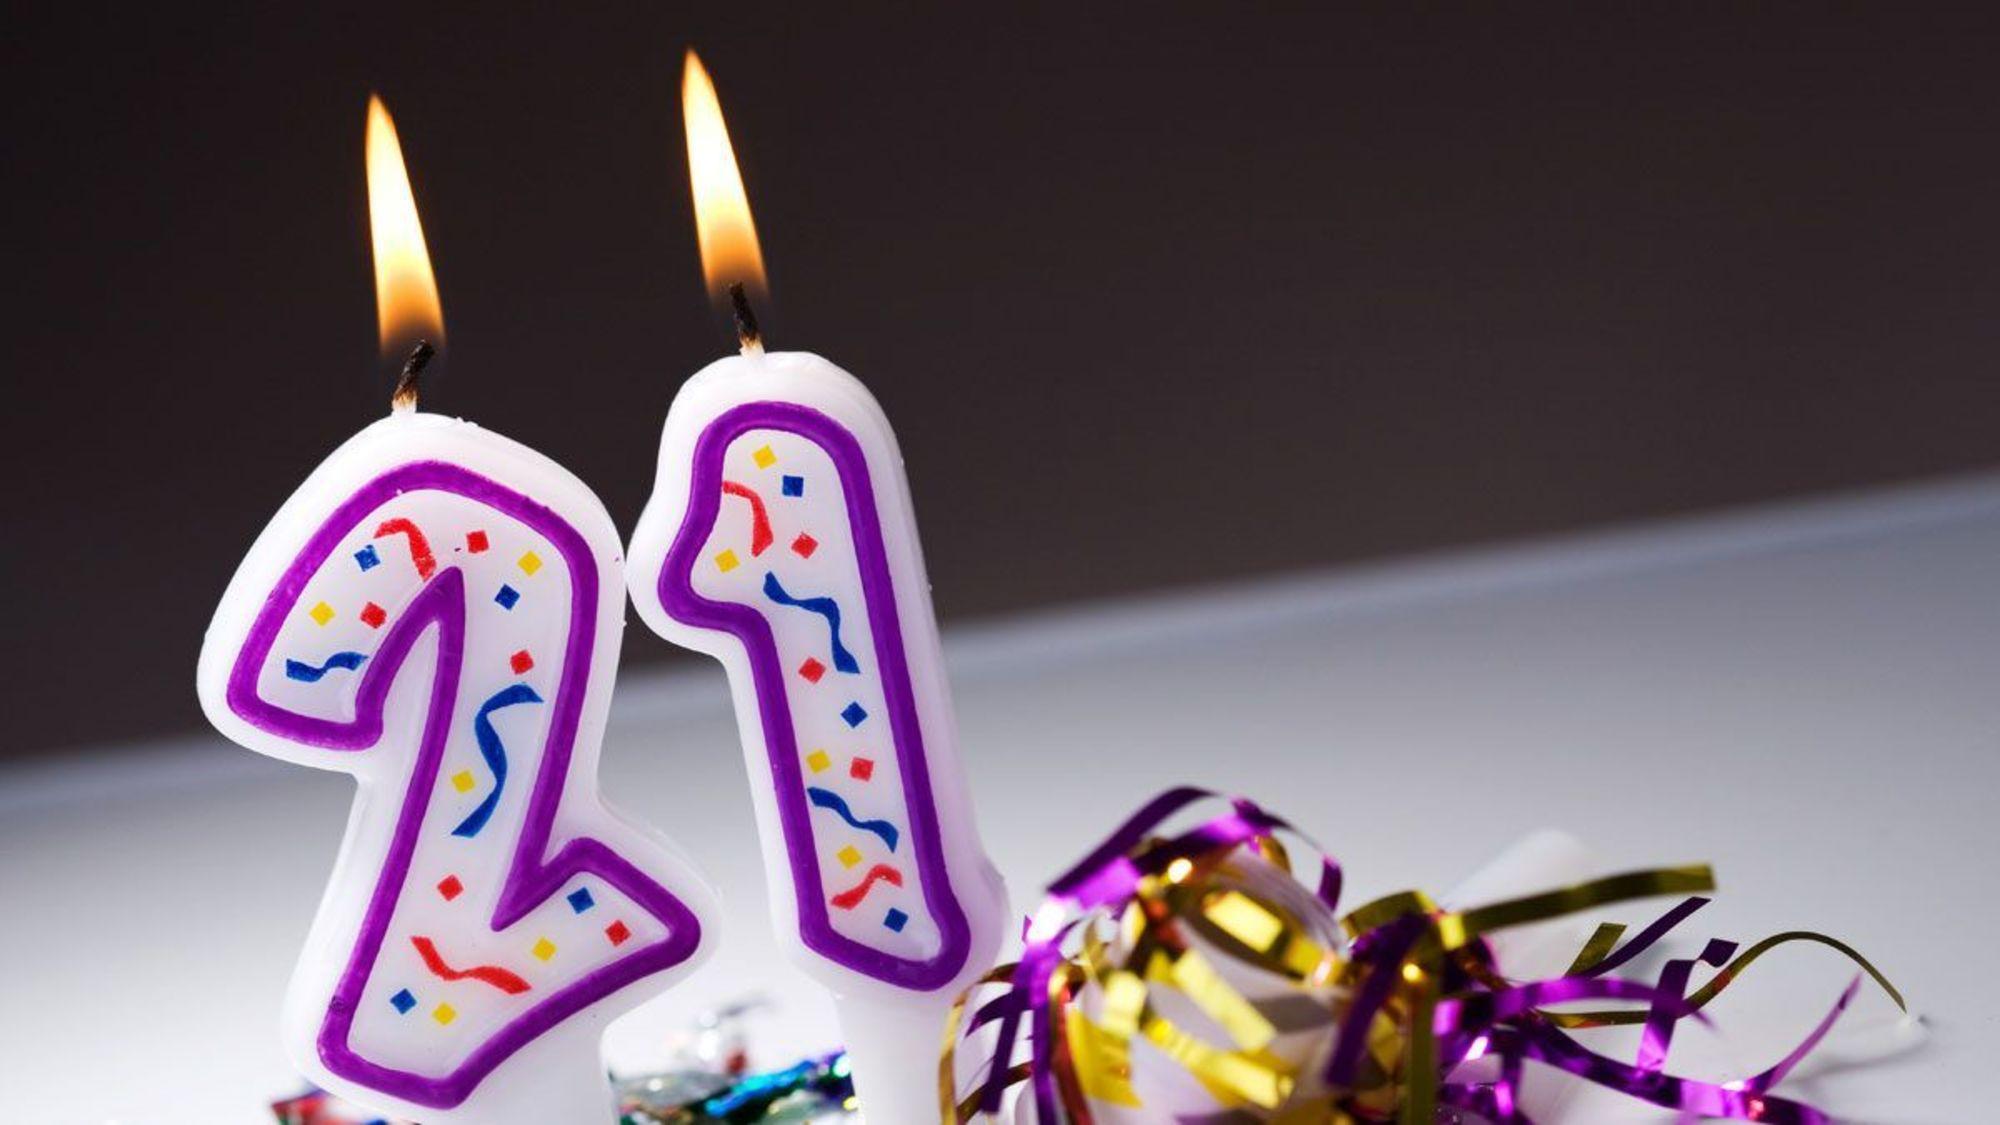 Картинки 21 год день рождения девушке красивые, днем